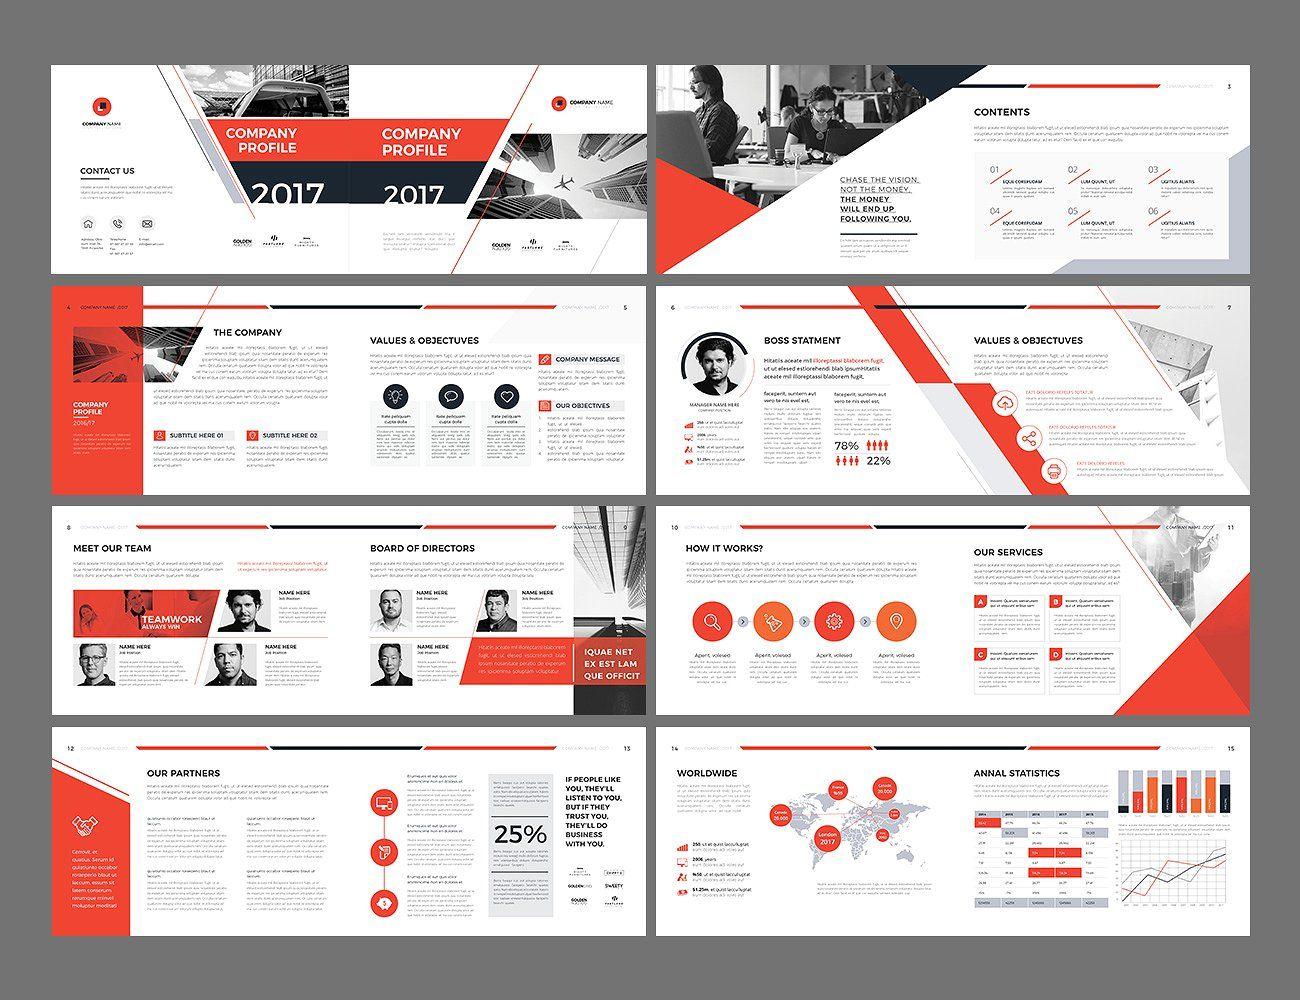 A5 Landscape Company Profile Company Profile Design